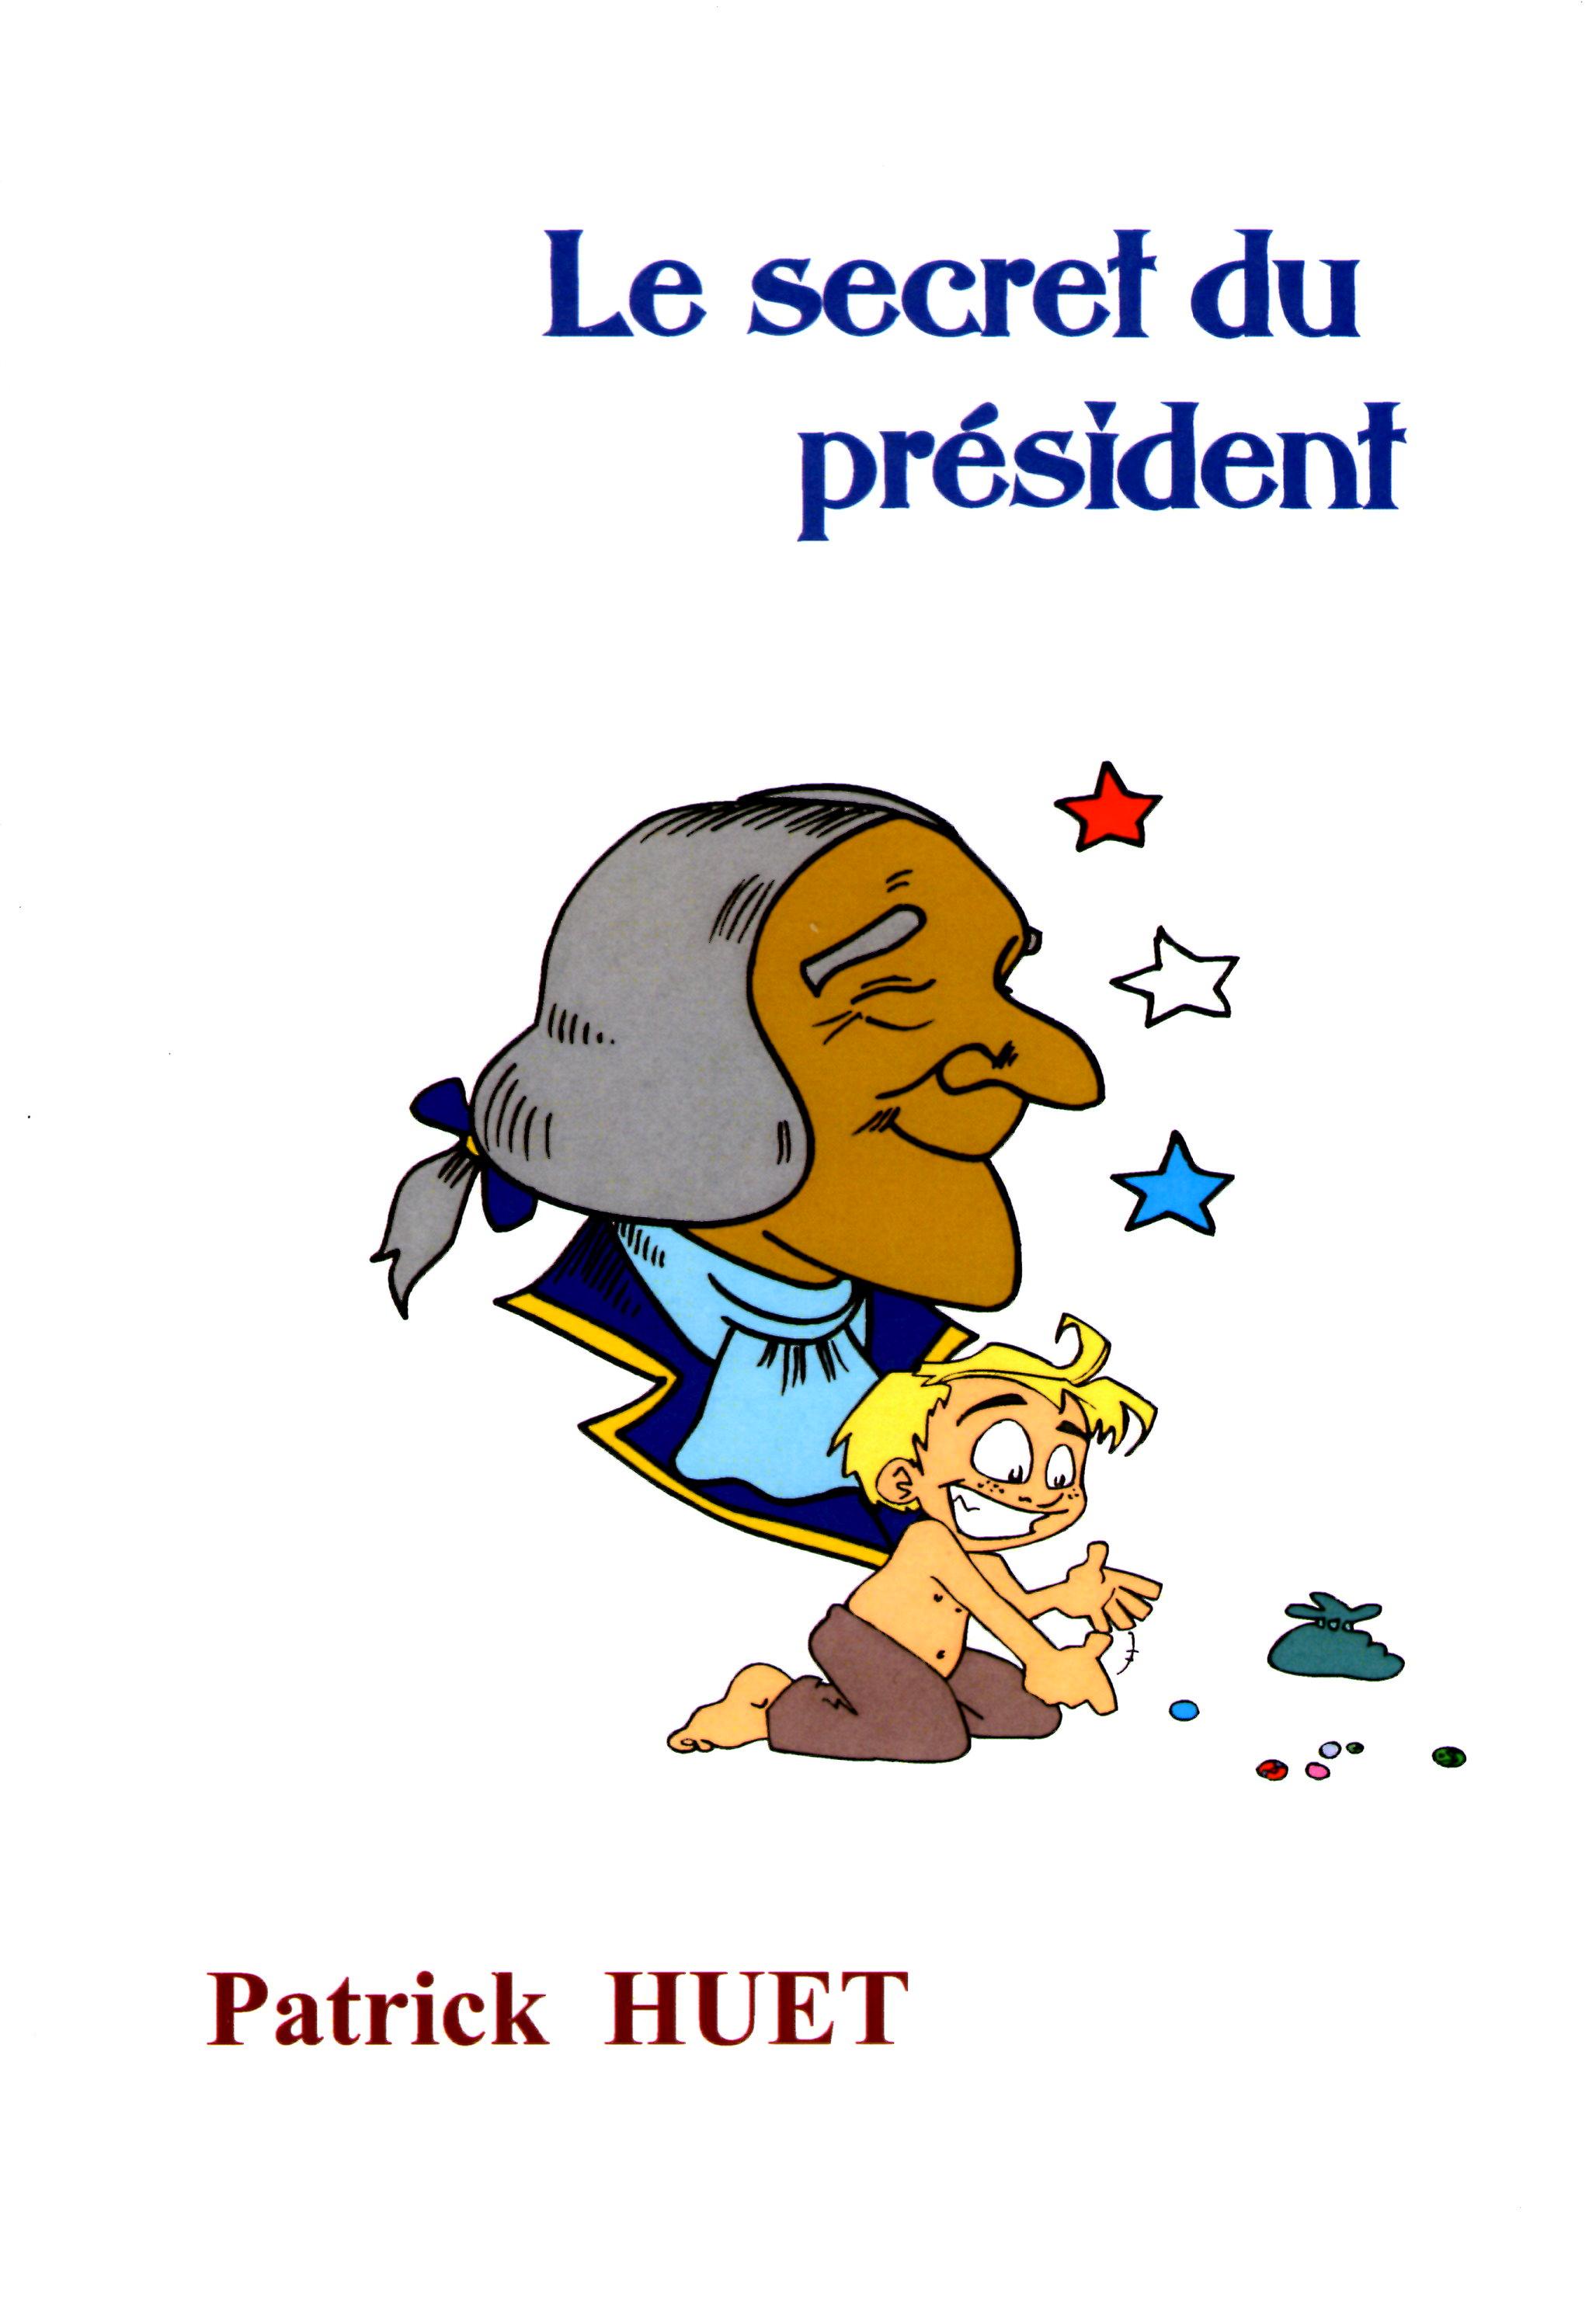 Le secret du président couverture du livre